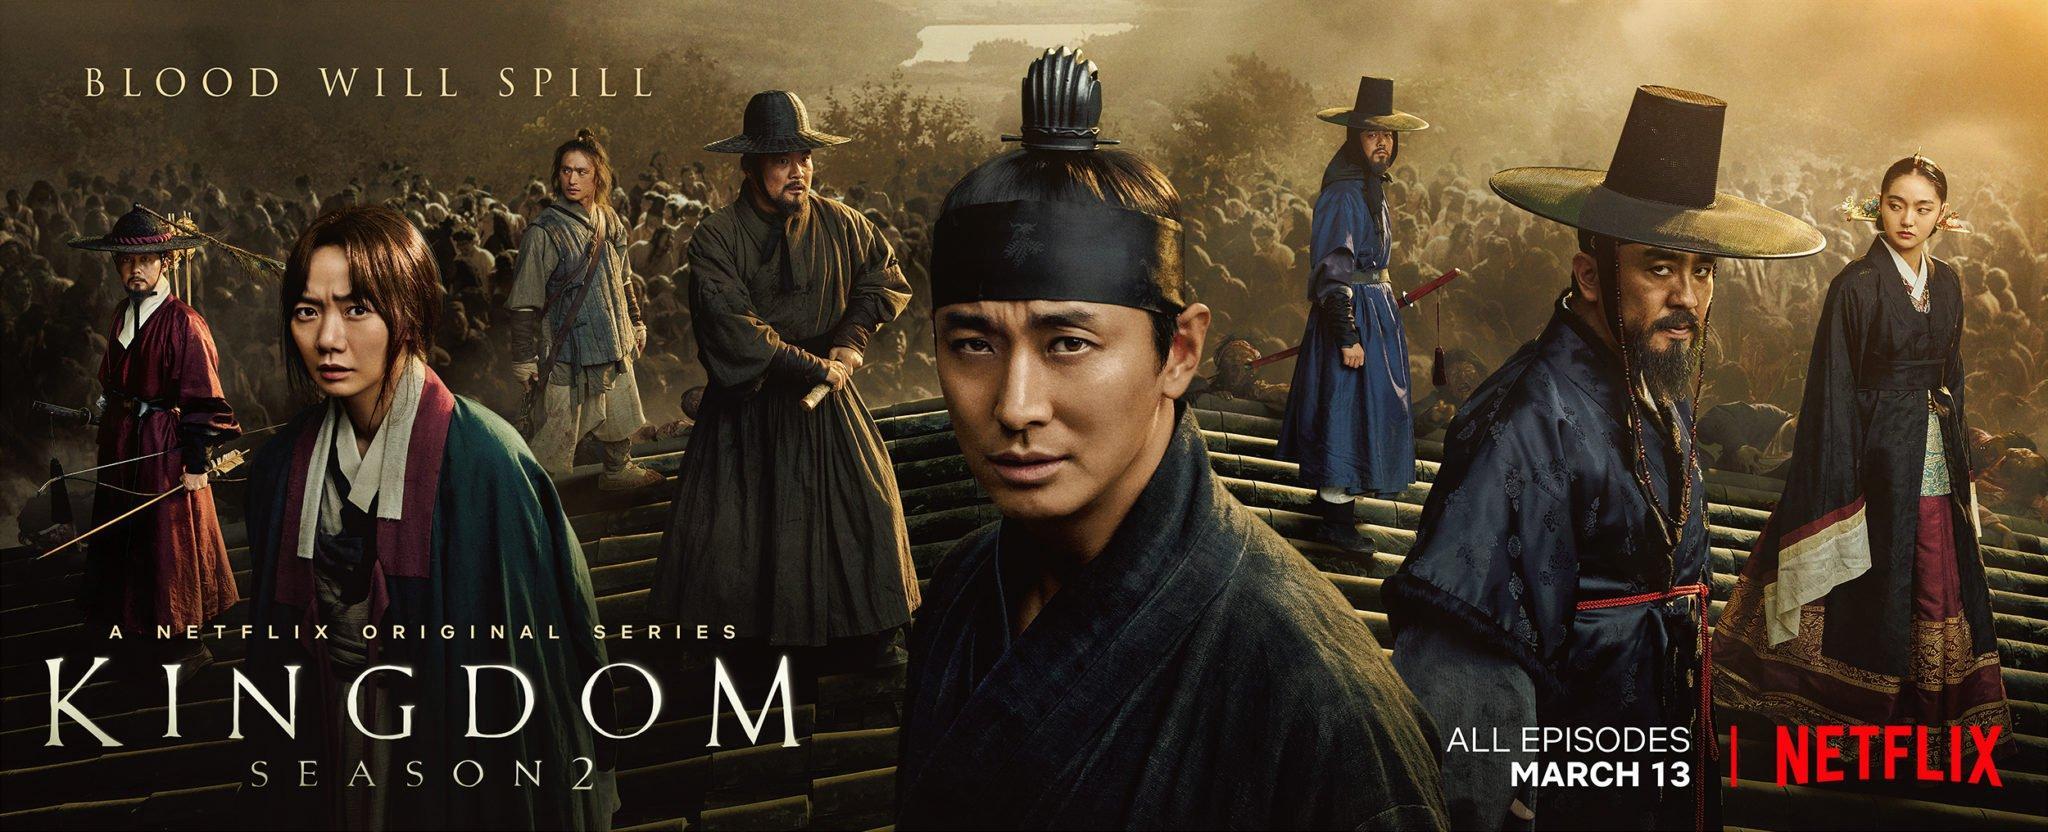 Cảm nhận về phim Kingdom zombie Châu Á